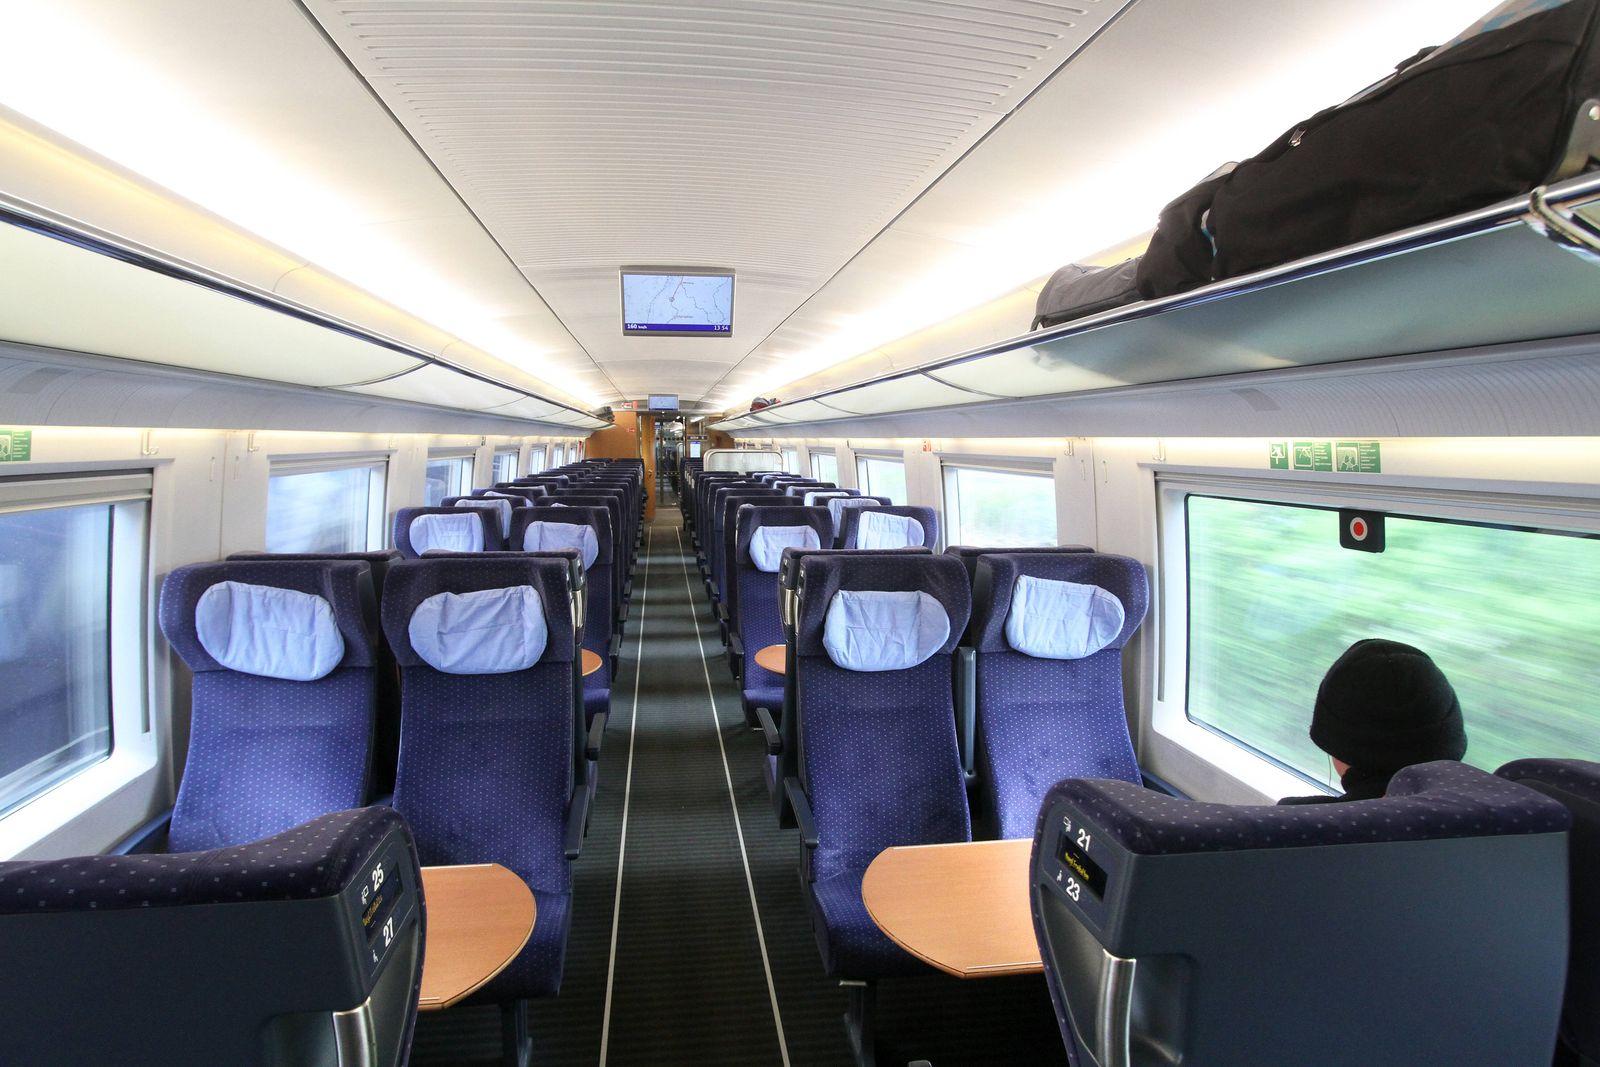 Ein einzelne Reisender sitzt in einem ansonsten nahezu menschenleeren ICE Intercity Express Wagen 2.Klasse während der F